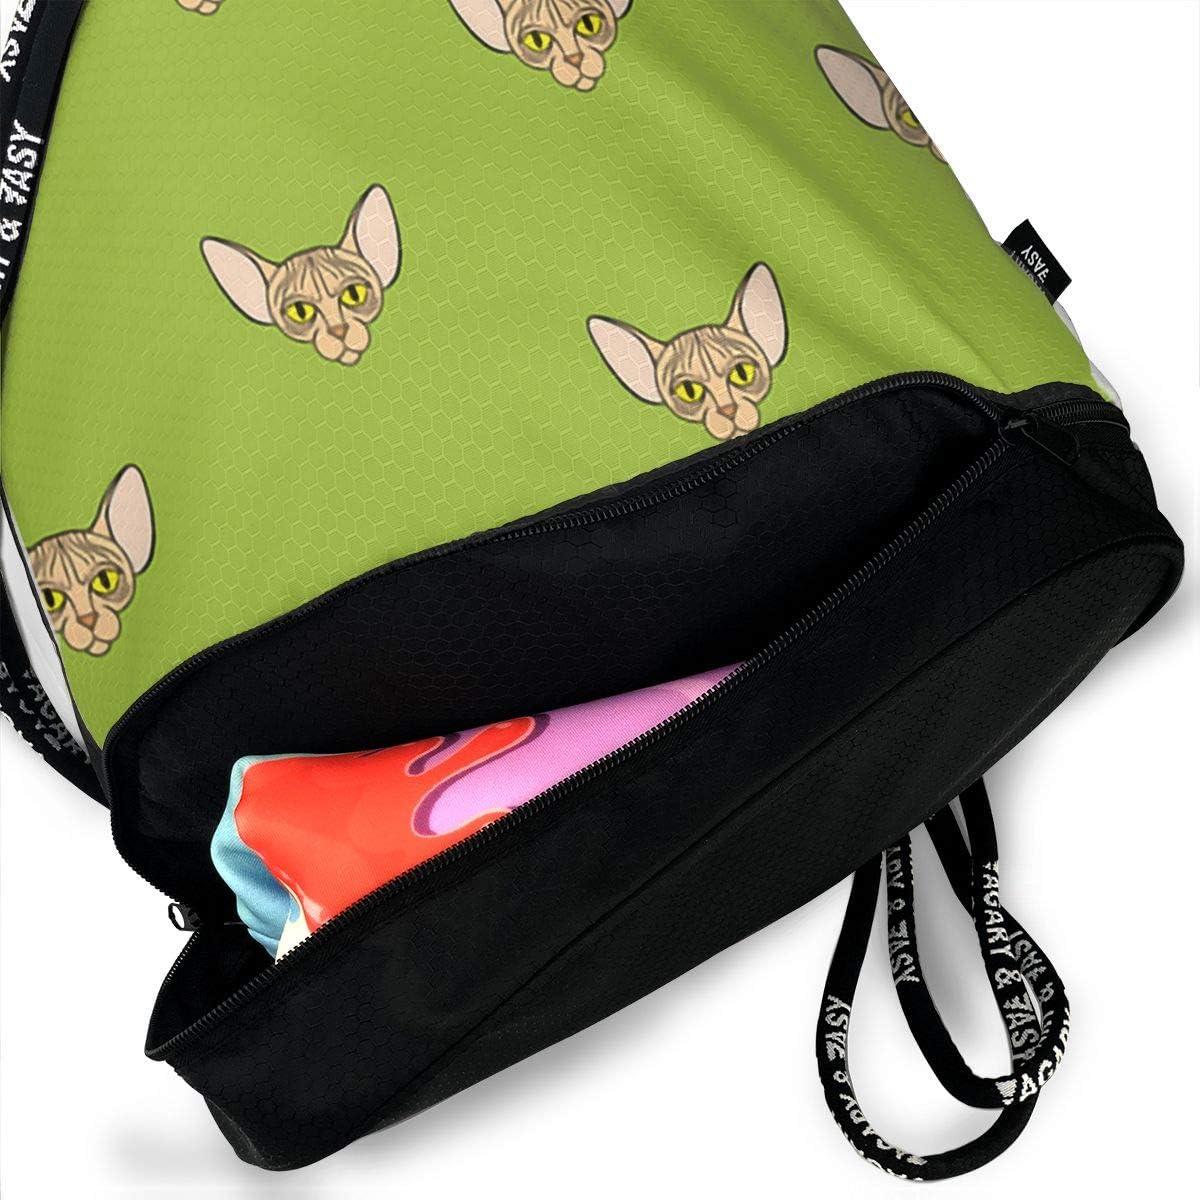 Drawstring Backpack Sphynx Cat Shoulder Bags